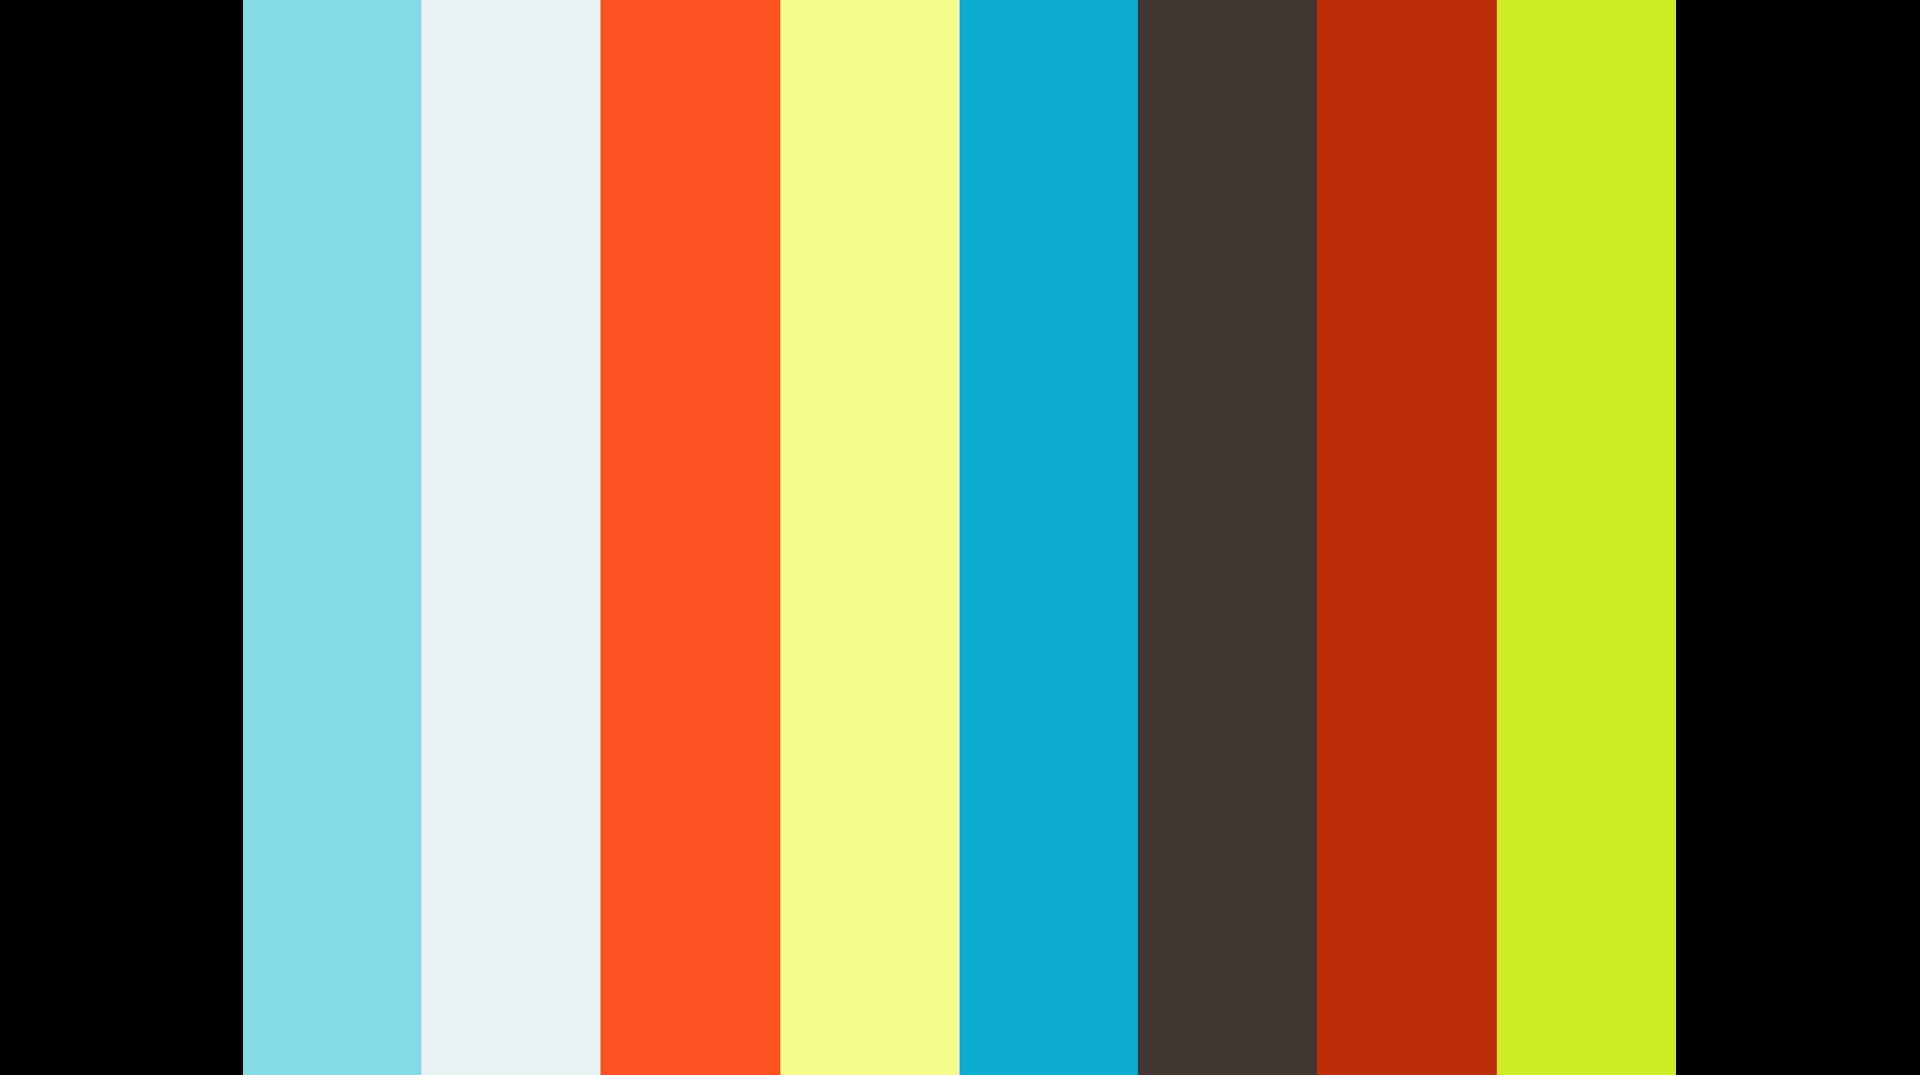 СМЕШНЫЕ ЛЕЗГИНКИ КАВКАЗА 2017 (ПРИКОЛЬНЫЕ ЛЕЗГИНКИ) BY ALISHKA & ELCHIN